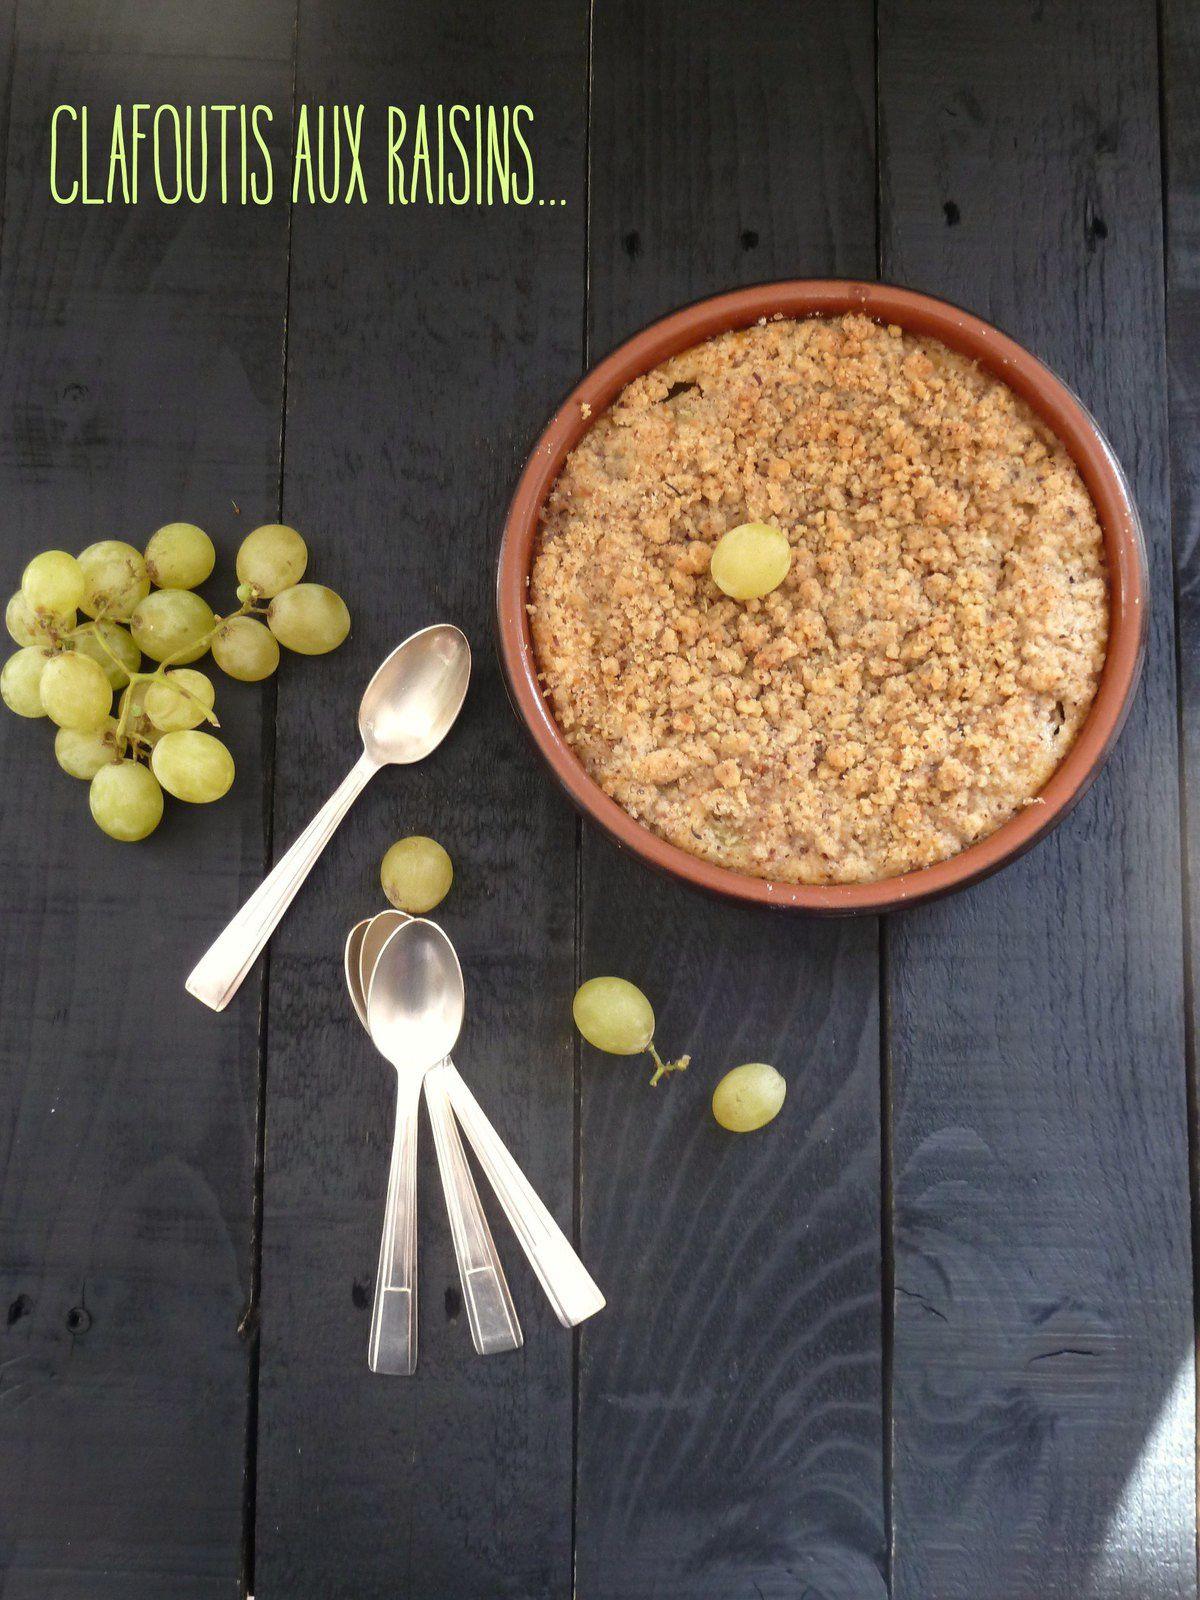 Clafoutis aux raisins et son crumble de noisette